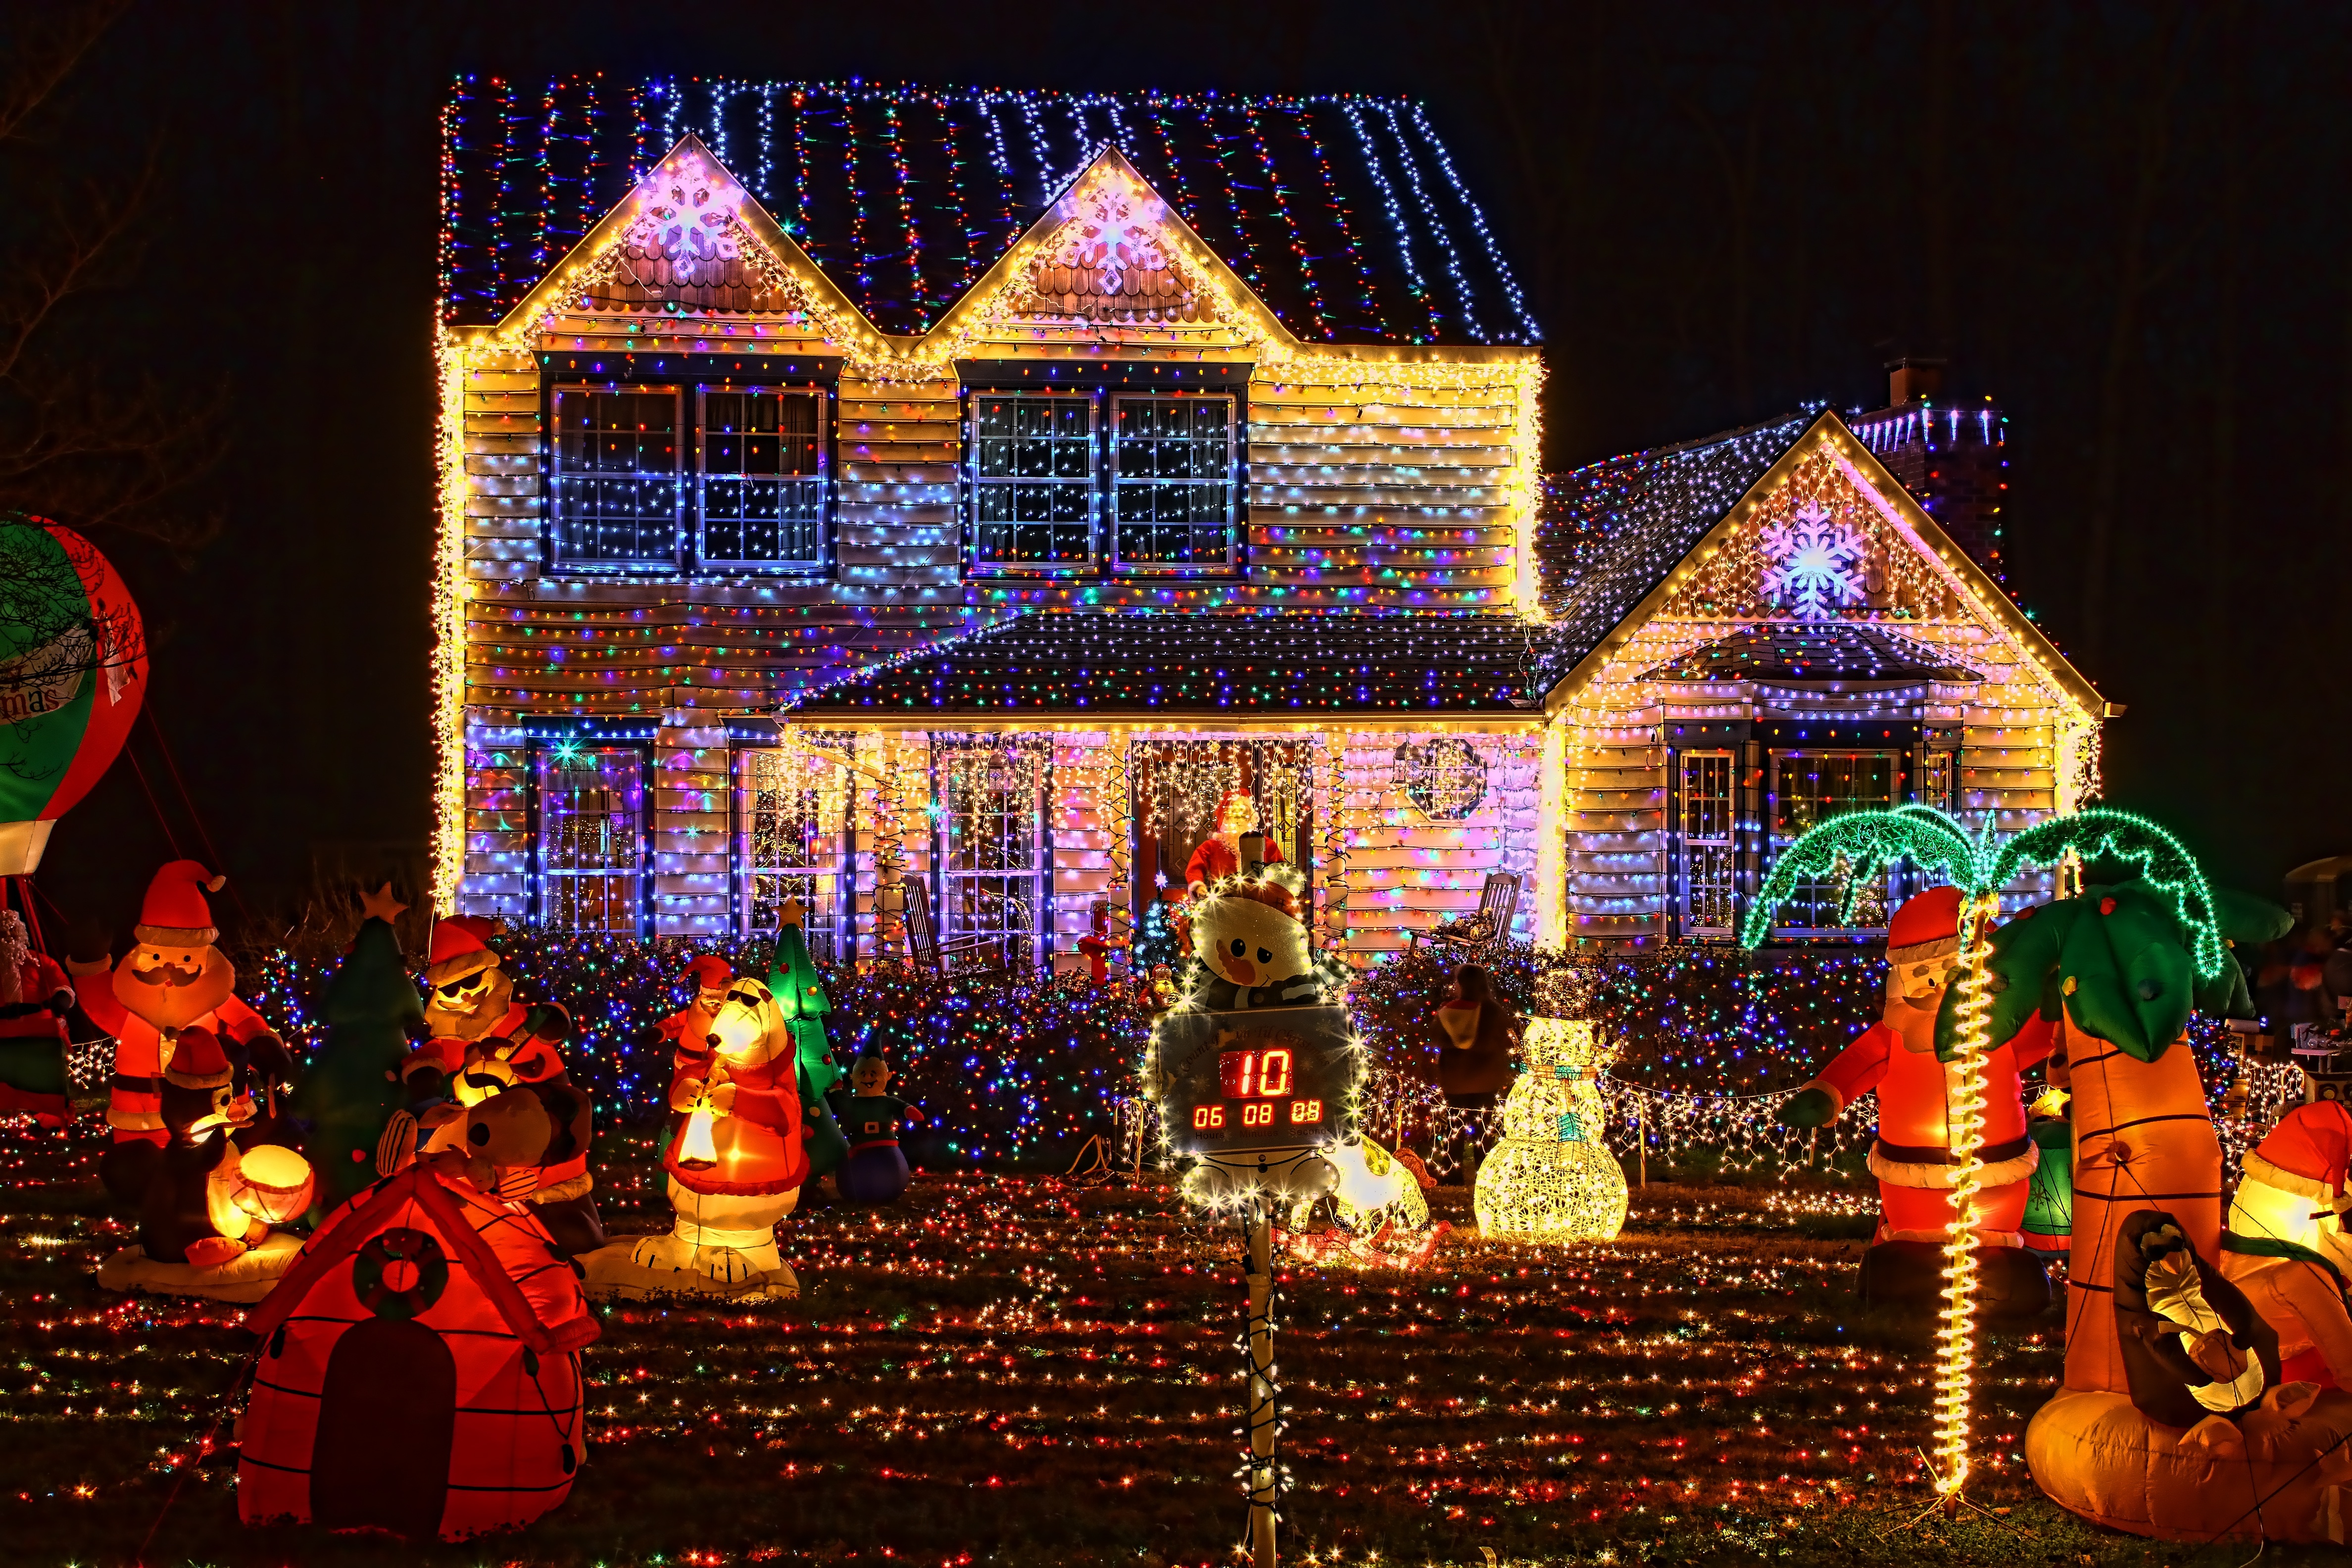 Addobbi Natalizi Luci.Addobbi Di Natale In Condominio